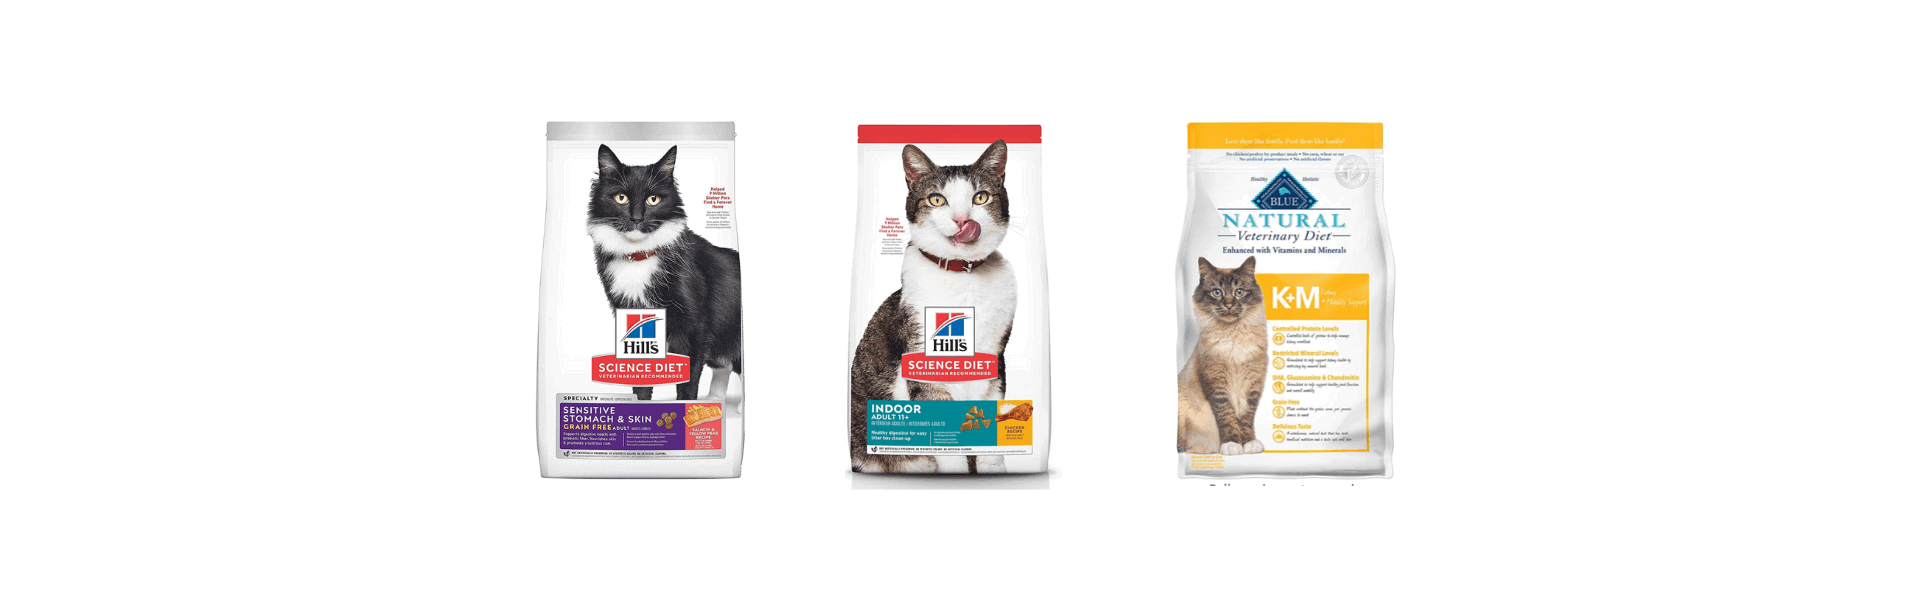 Low sodium cat food